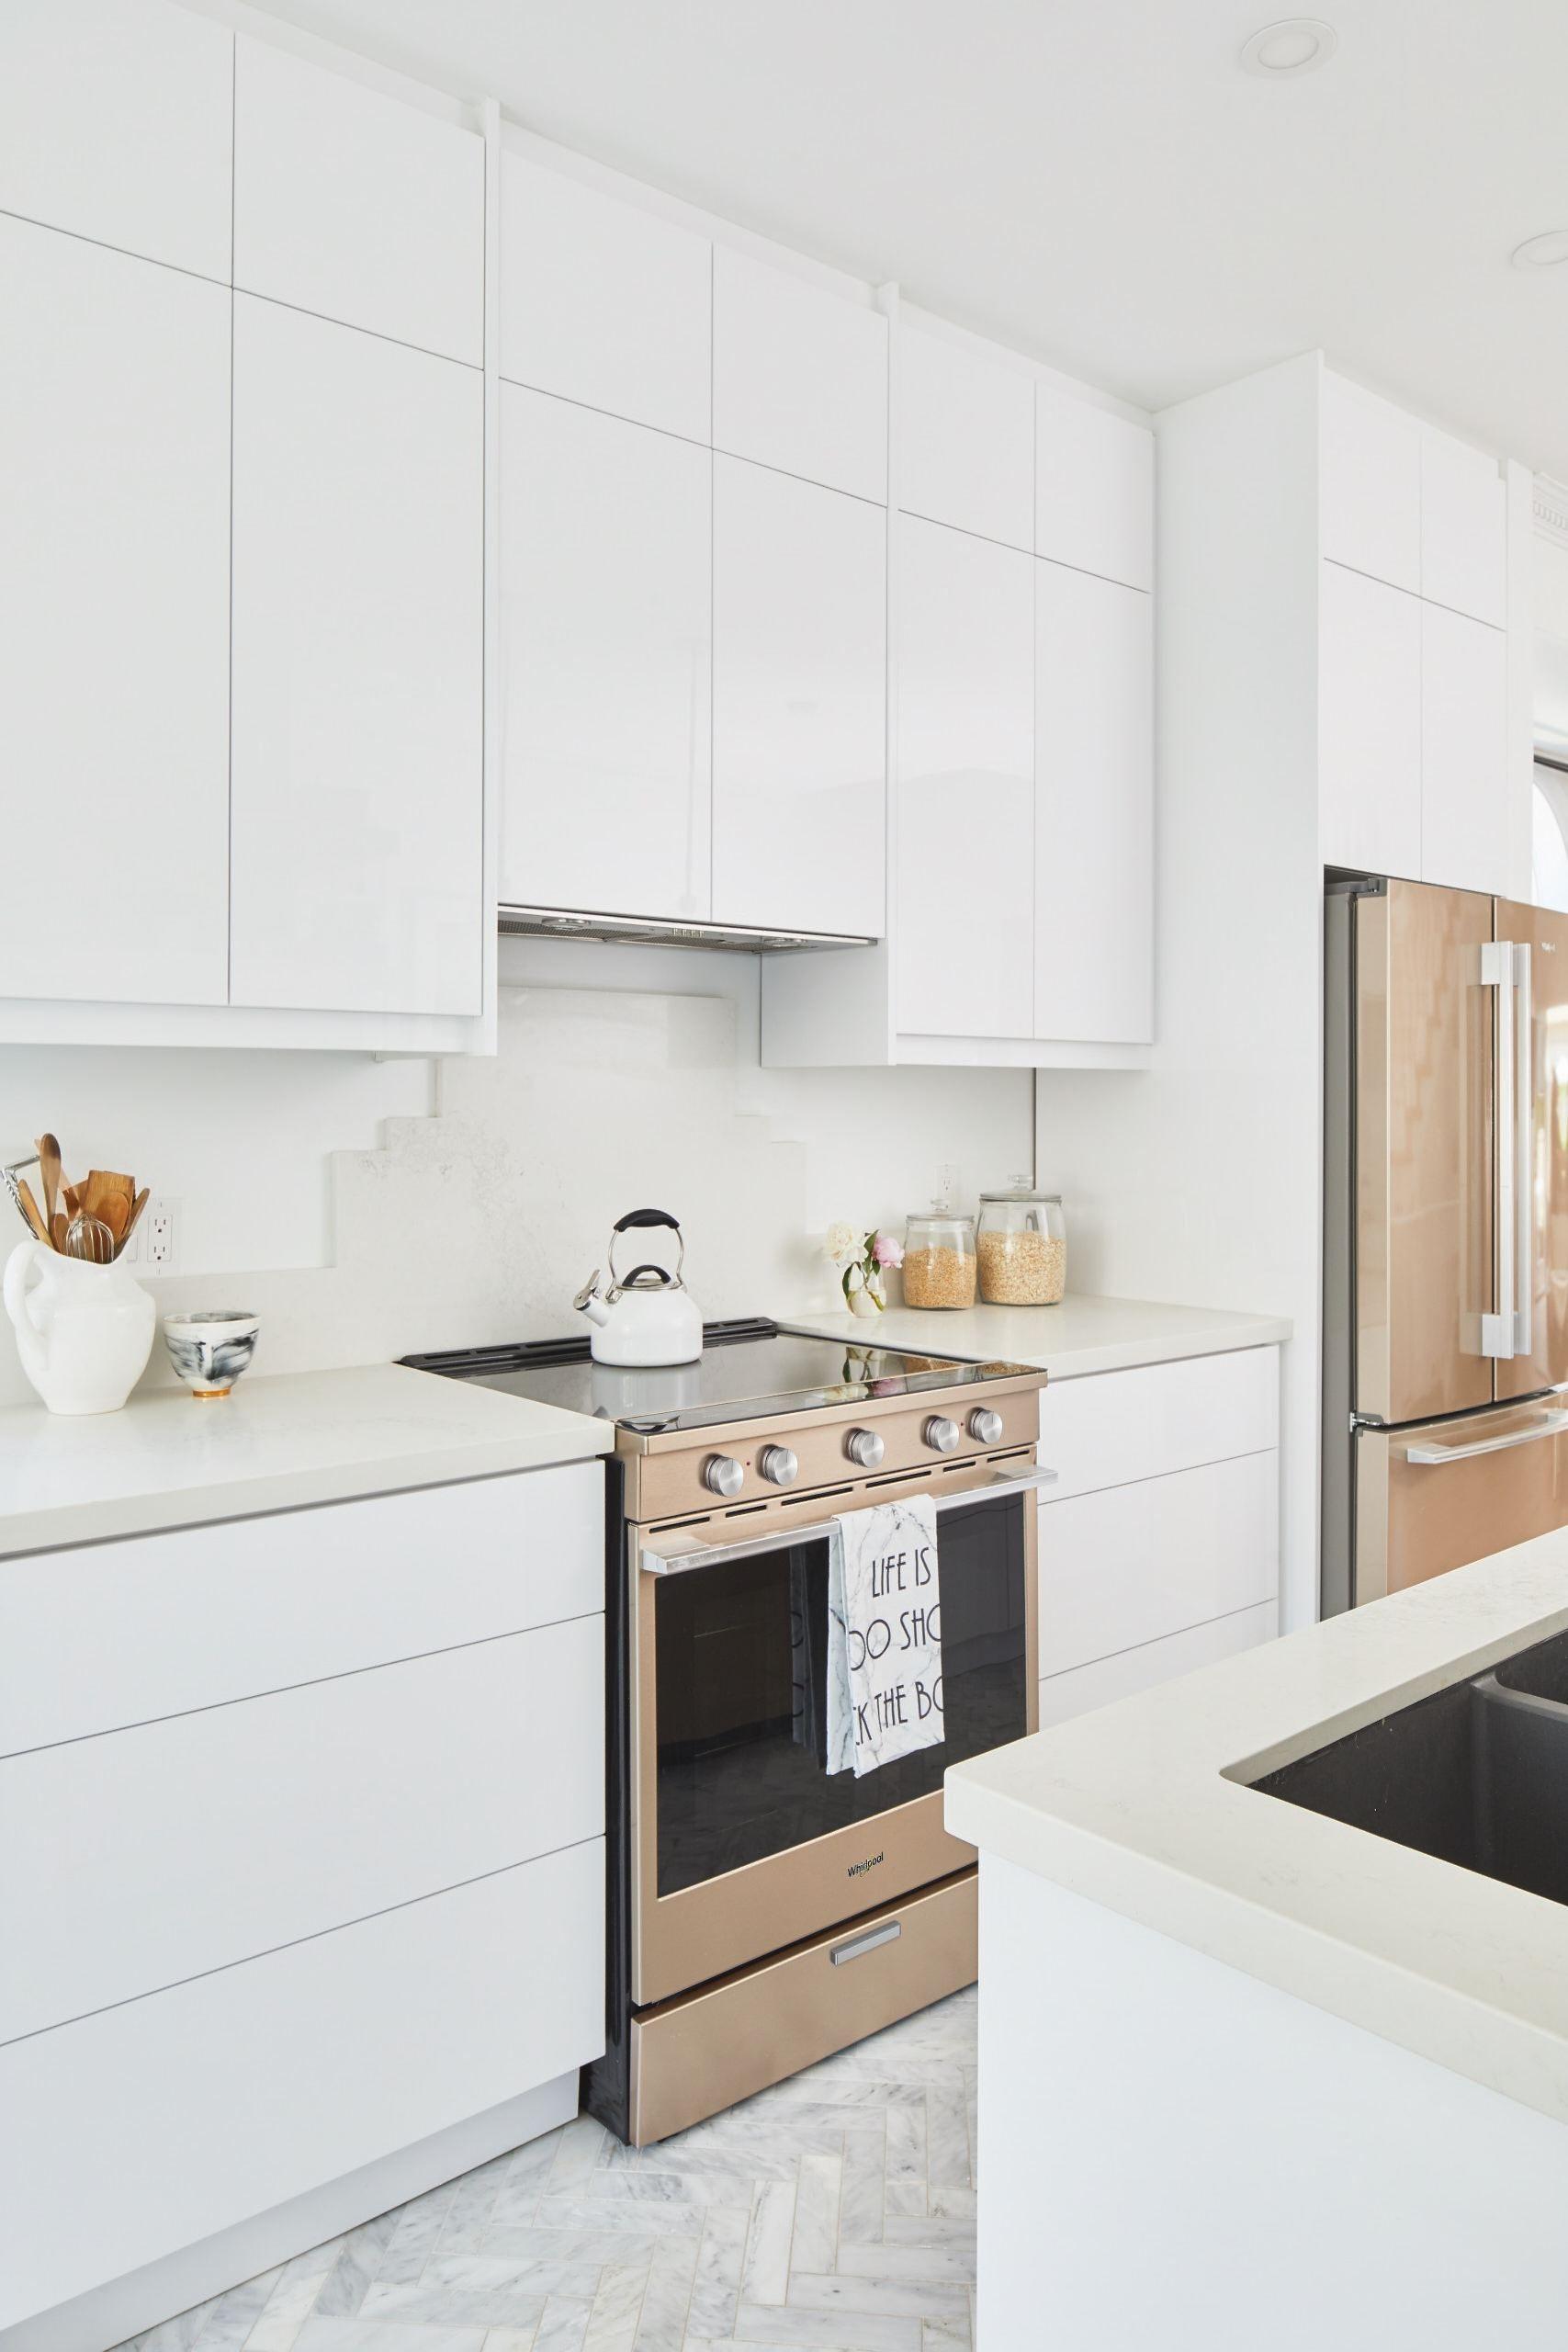 Sunset Bronze Appliances In A Sleek Light Kitchen Trendy Kitchen